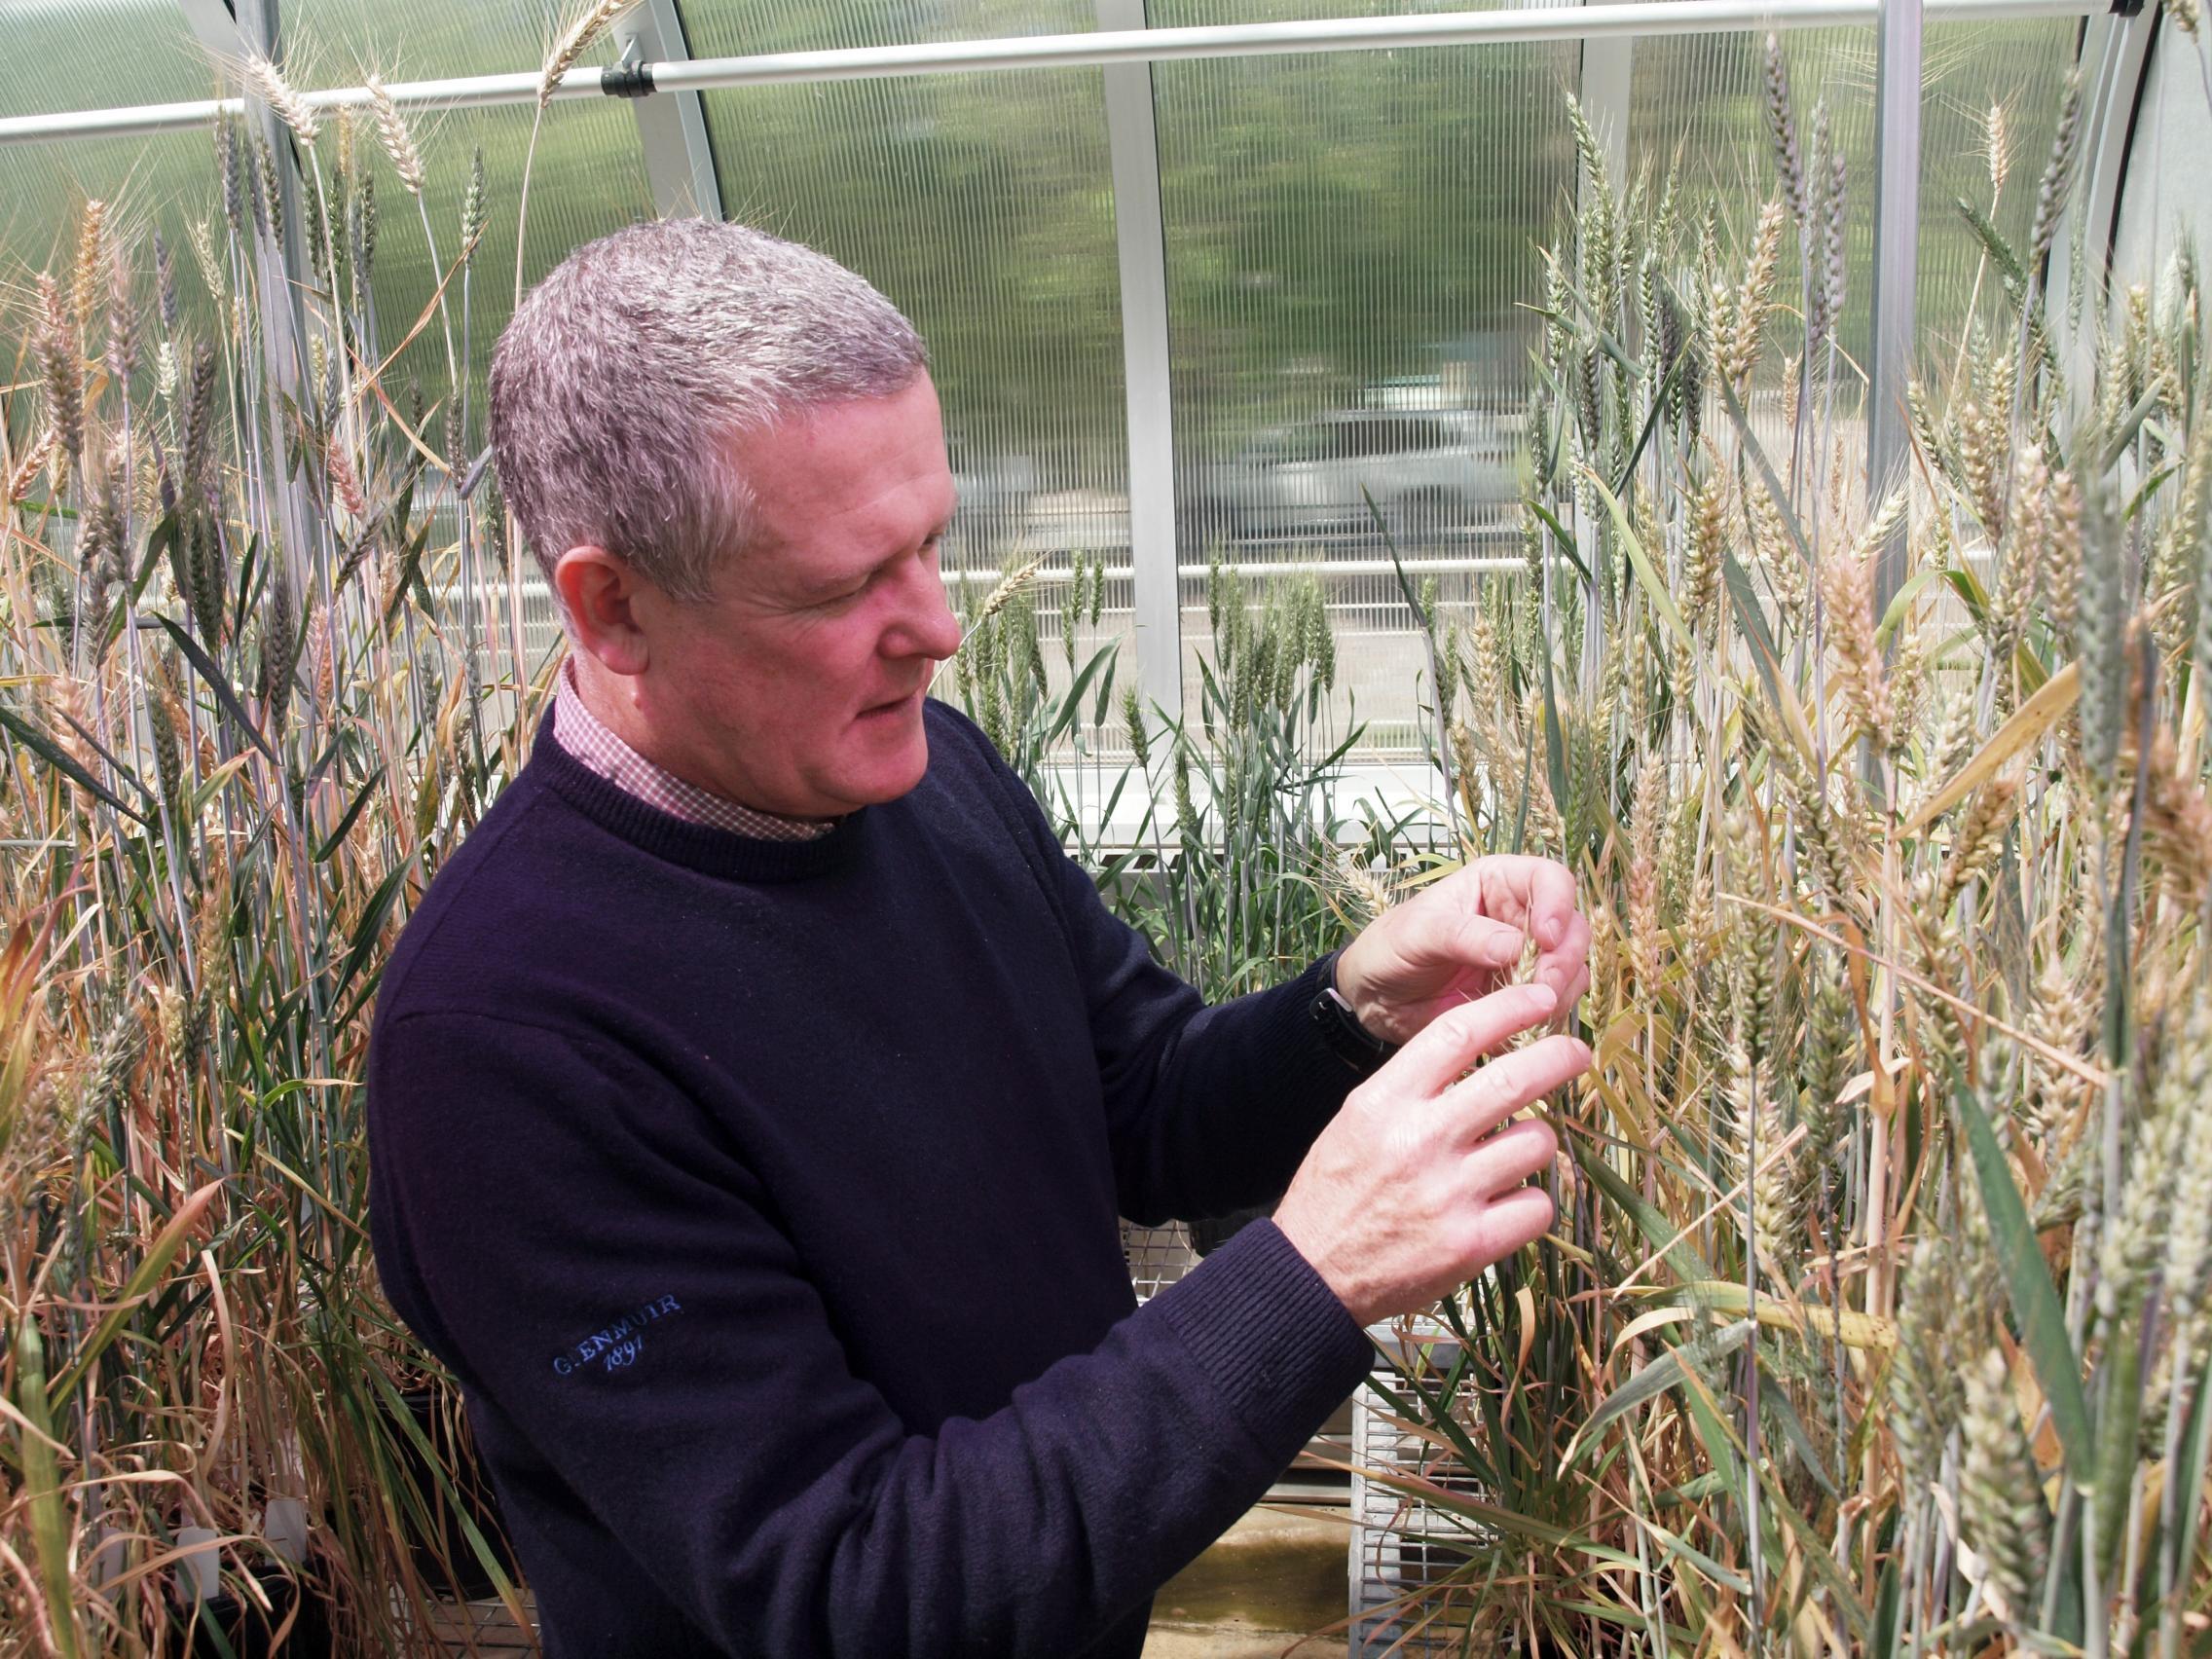 Associate Professor Ken Chalmers inspecting wheat grain